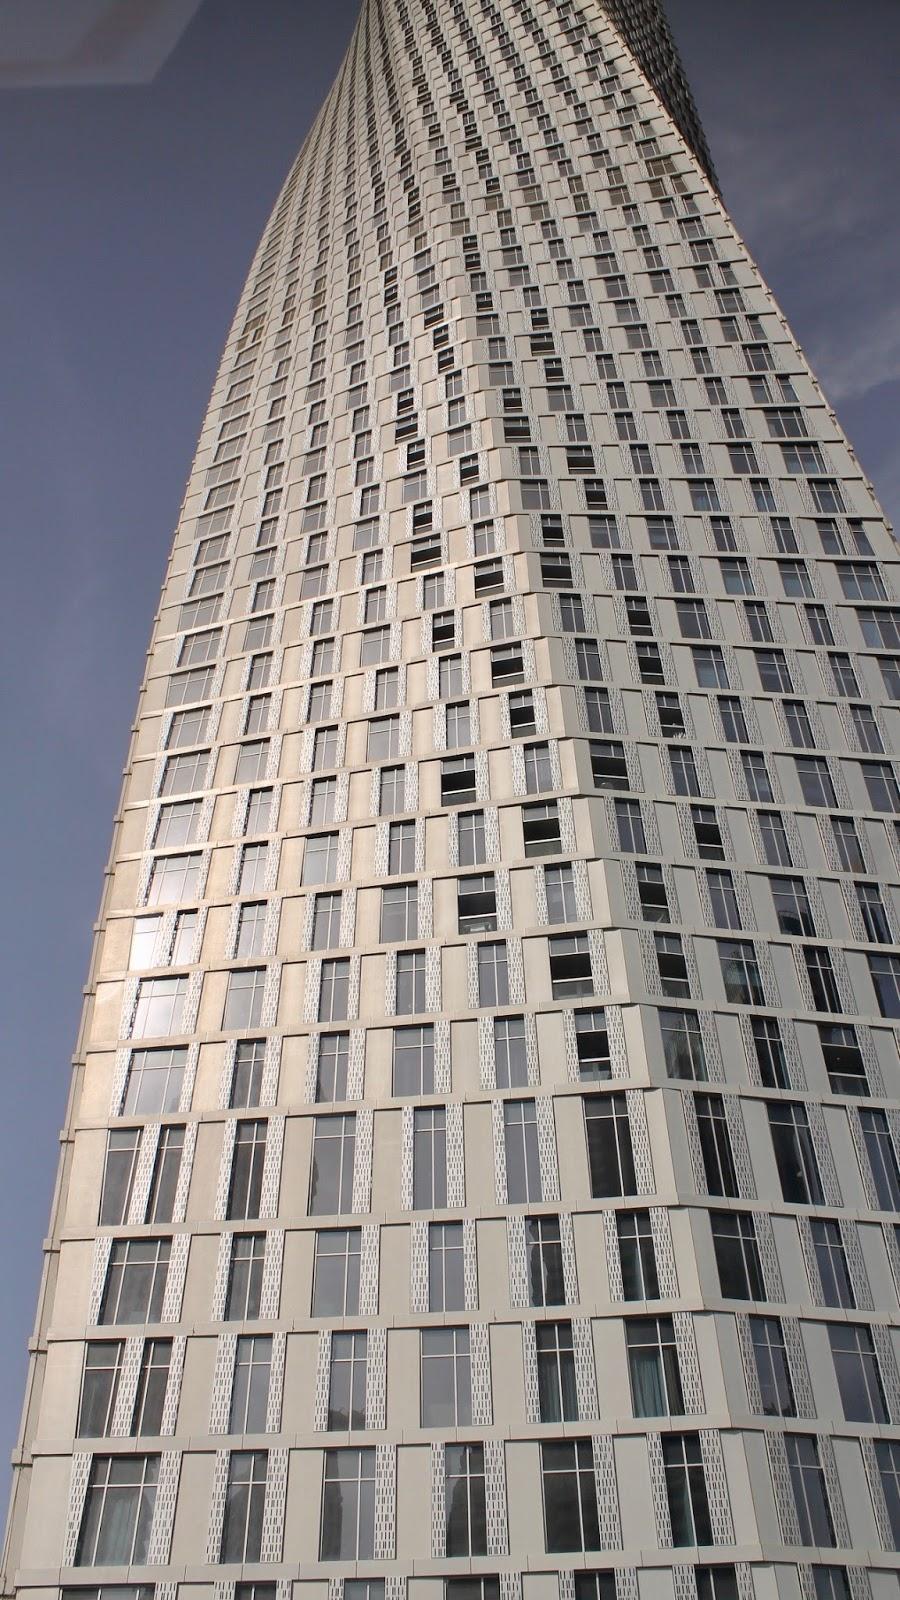 Dubai Twist Skyscraper Architecture